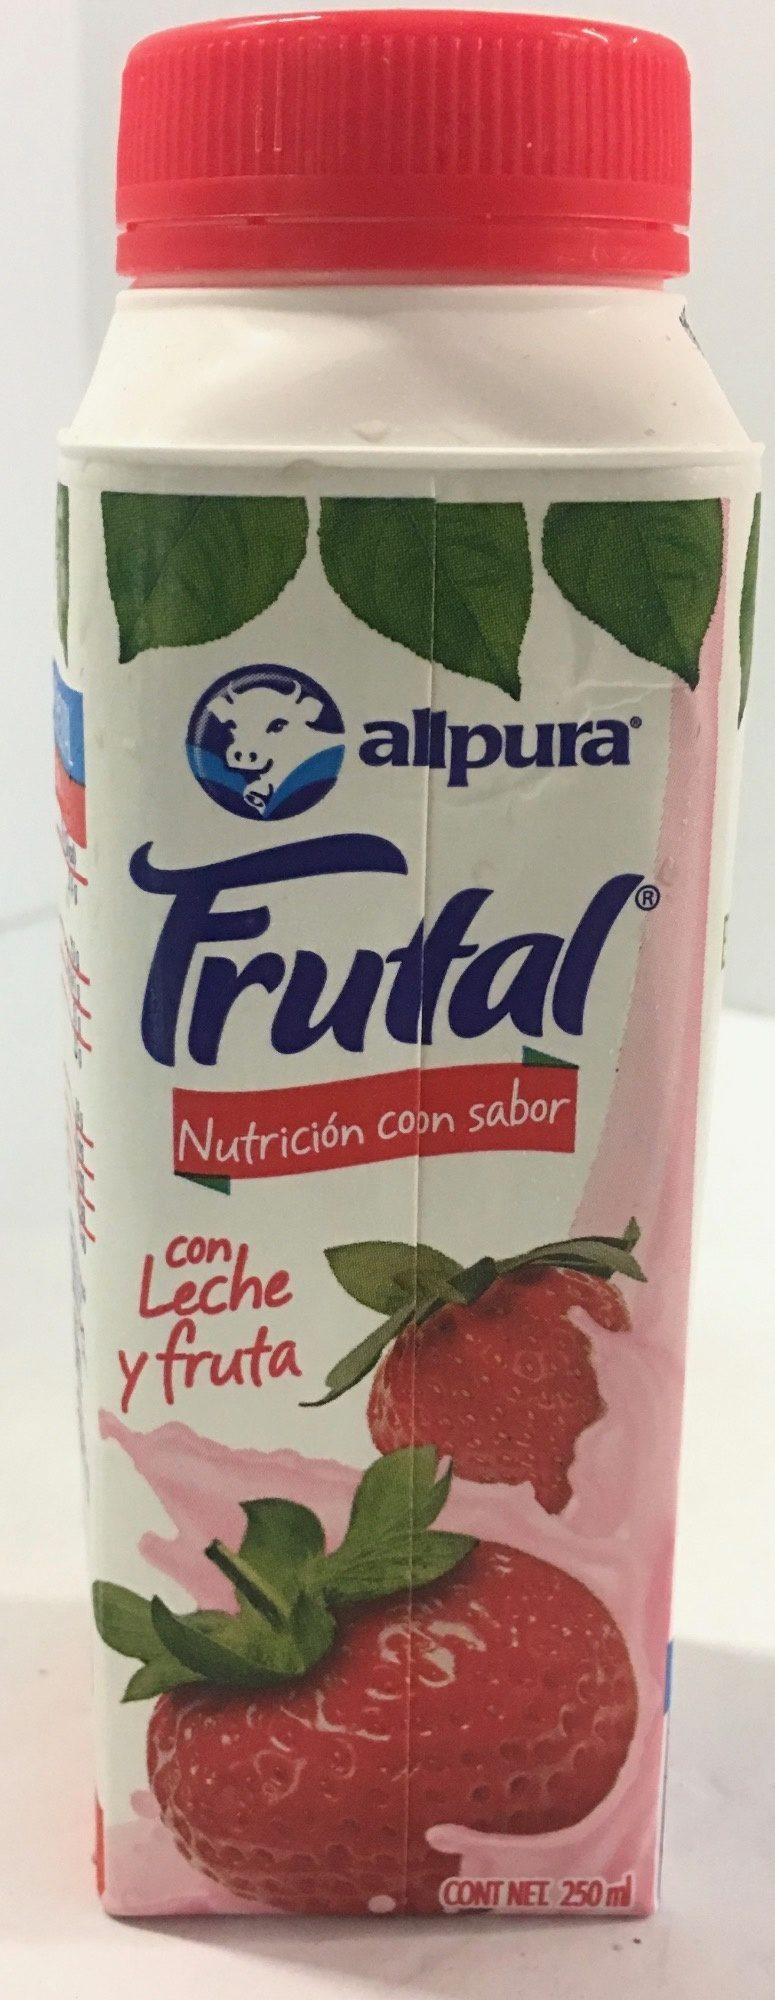 Frutal con leche y fruta sabor fresa, - Producto - es